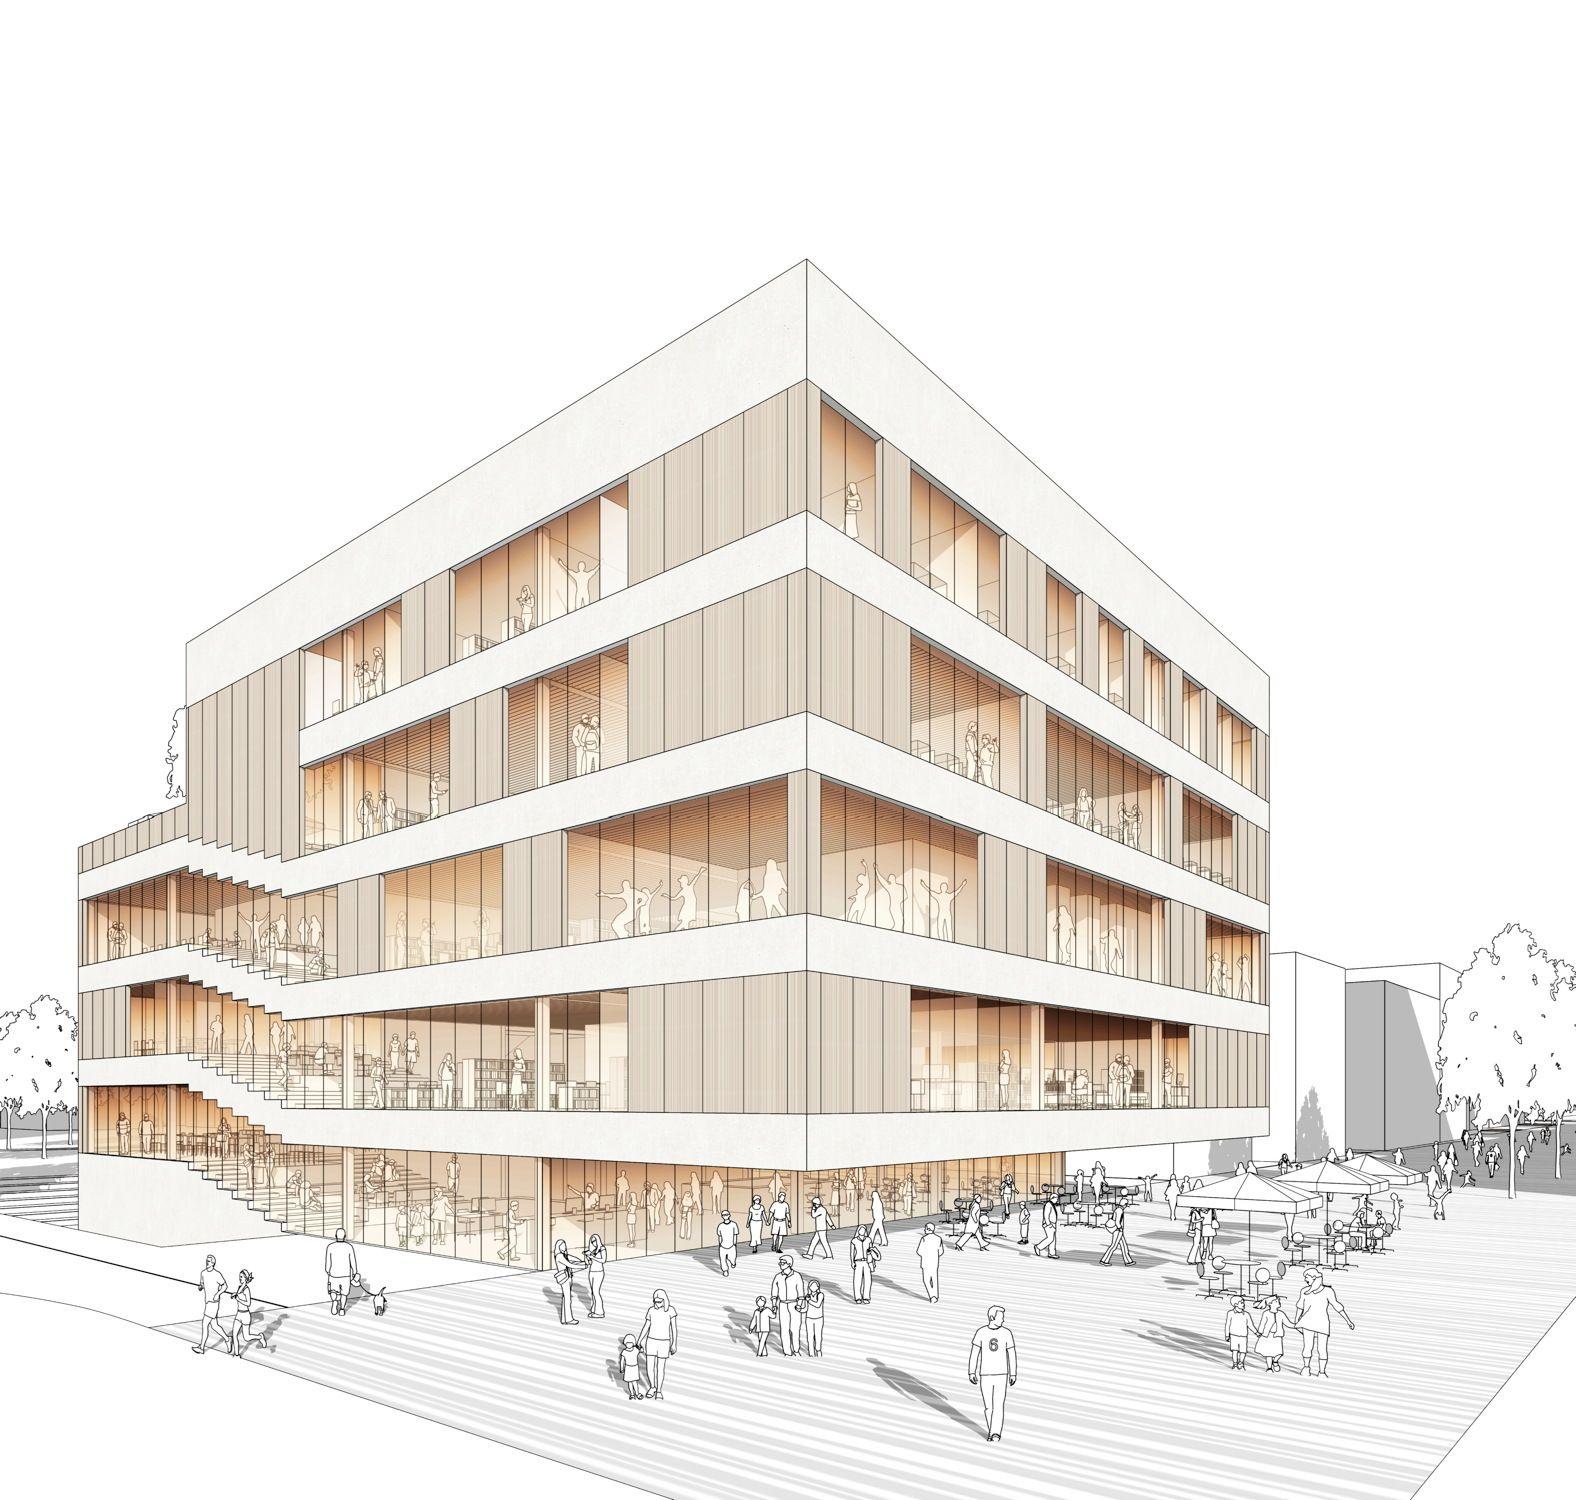 Bildungshaus reloaded - Richter Musikowski gewinnen Wettbewerb in Norderstedt #arquitectonico